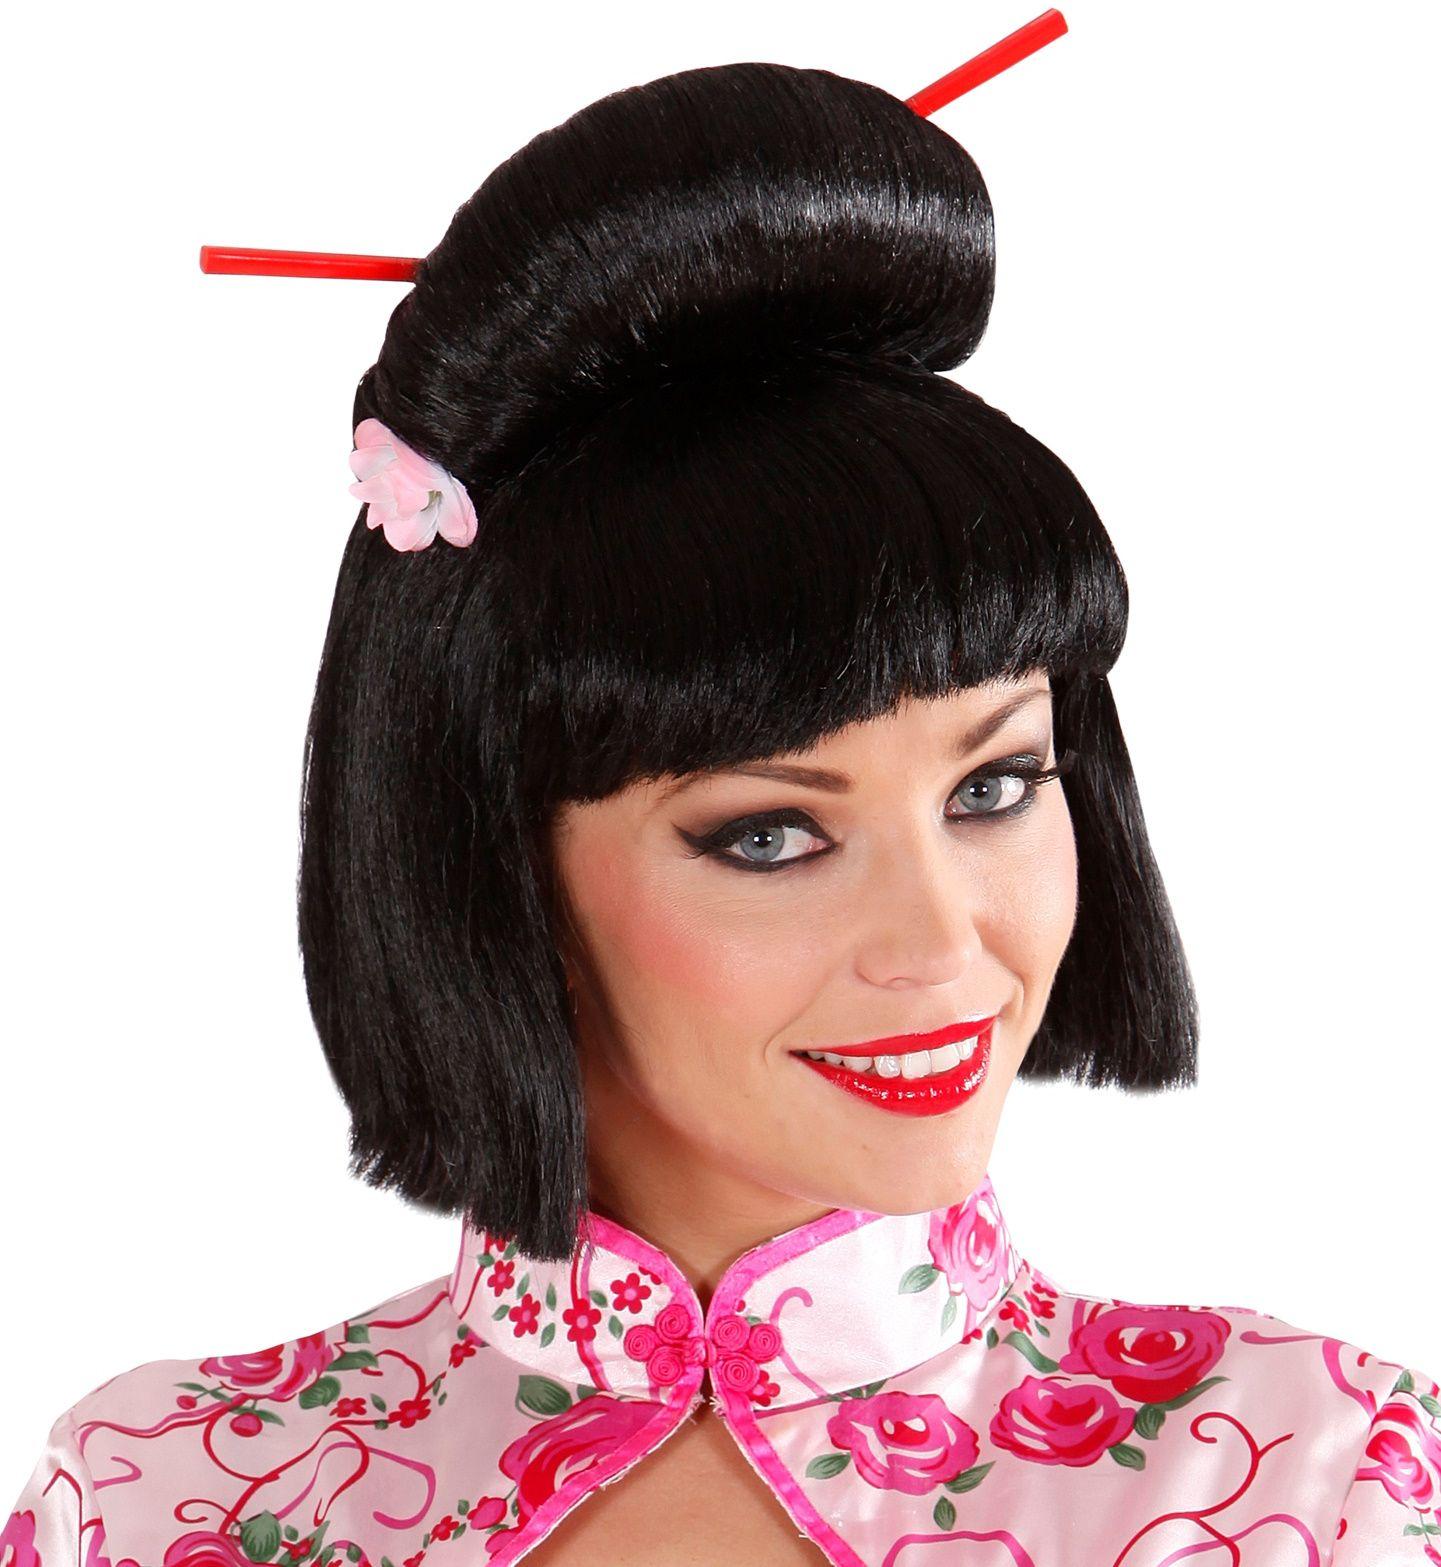 Geisha pruik met bloem en chopsticks